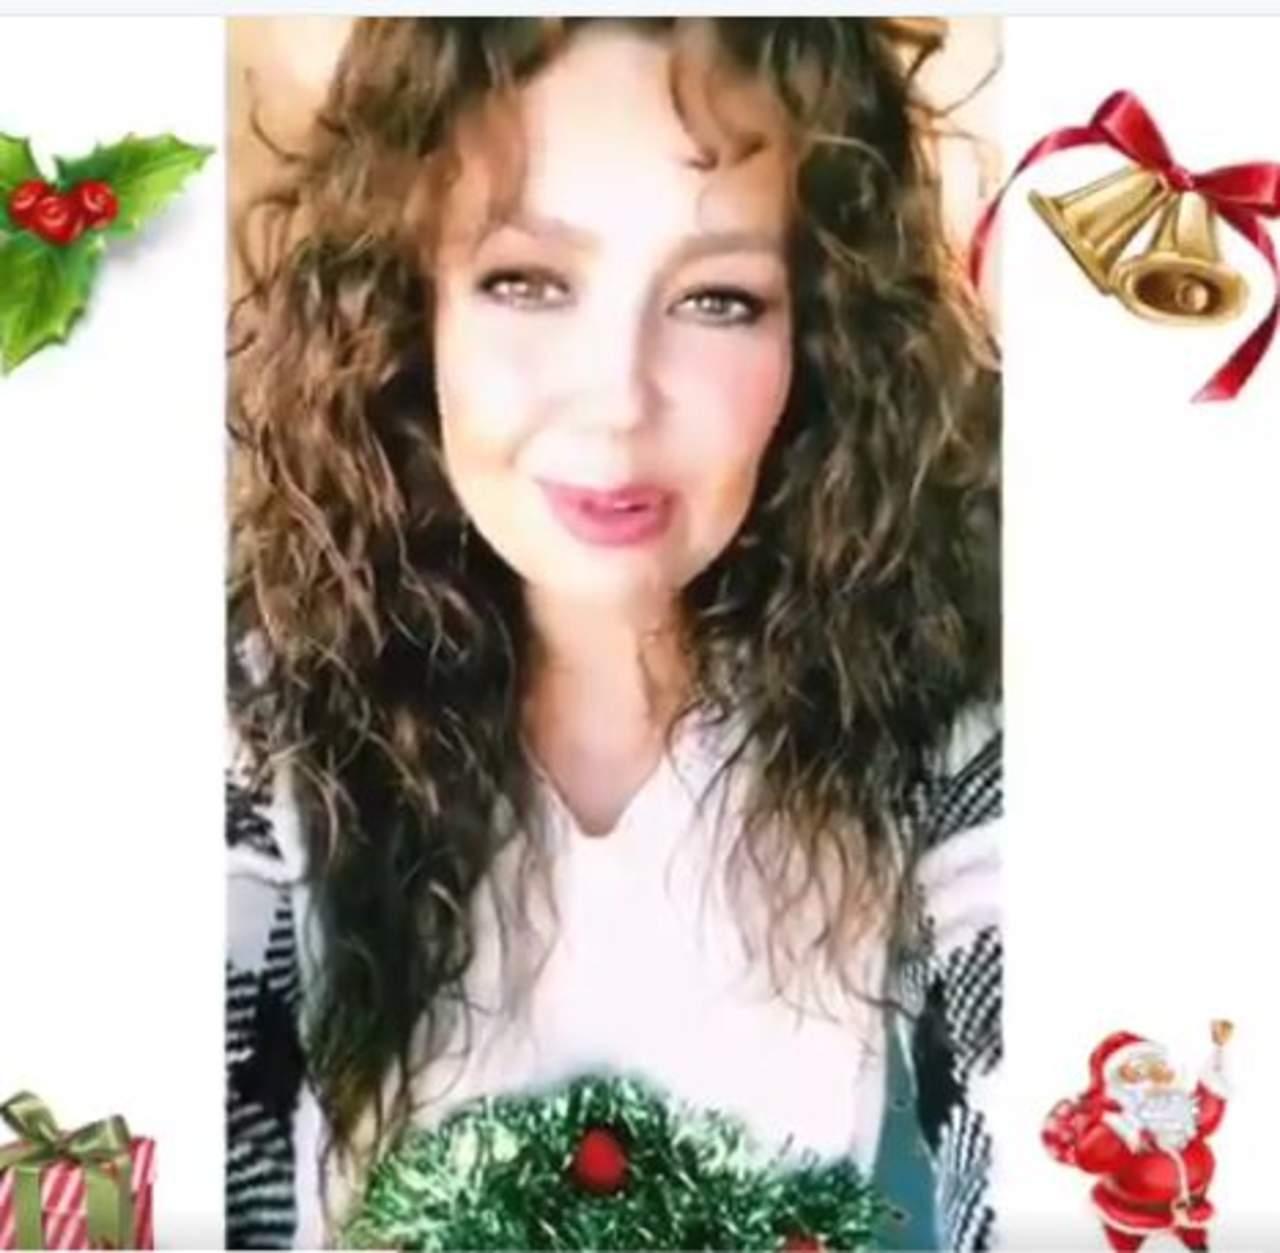 Famosos desean feliz navidad a sus seguidores espect culos for Espectaculos de famosos